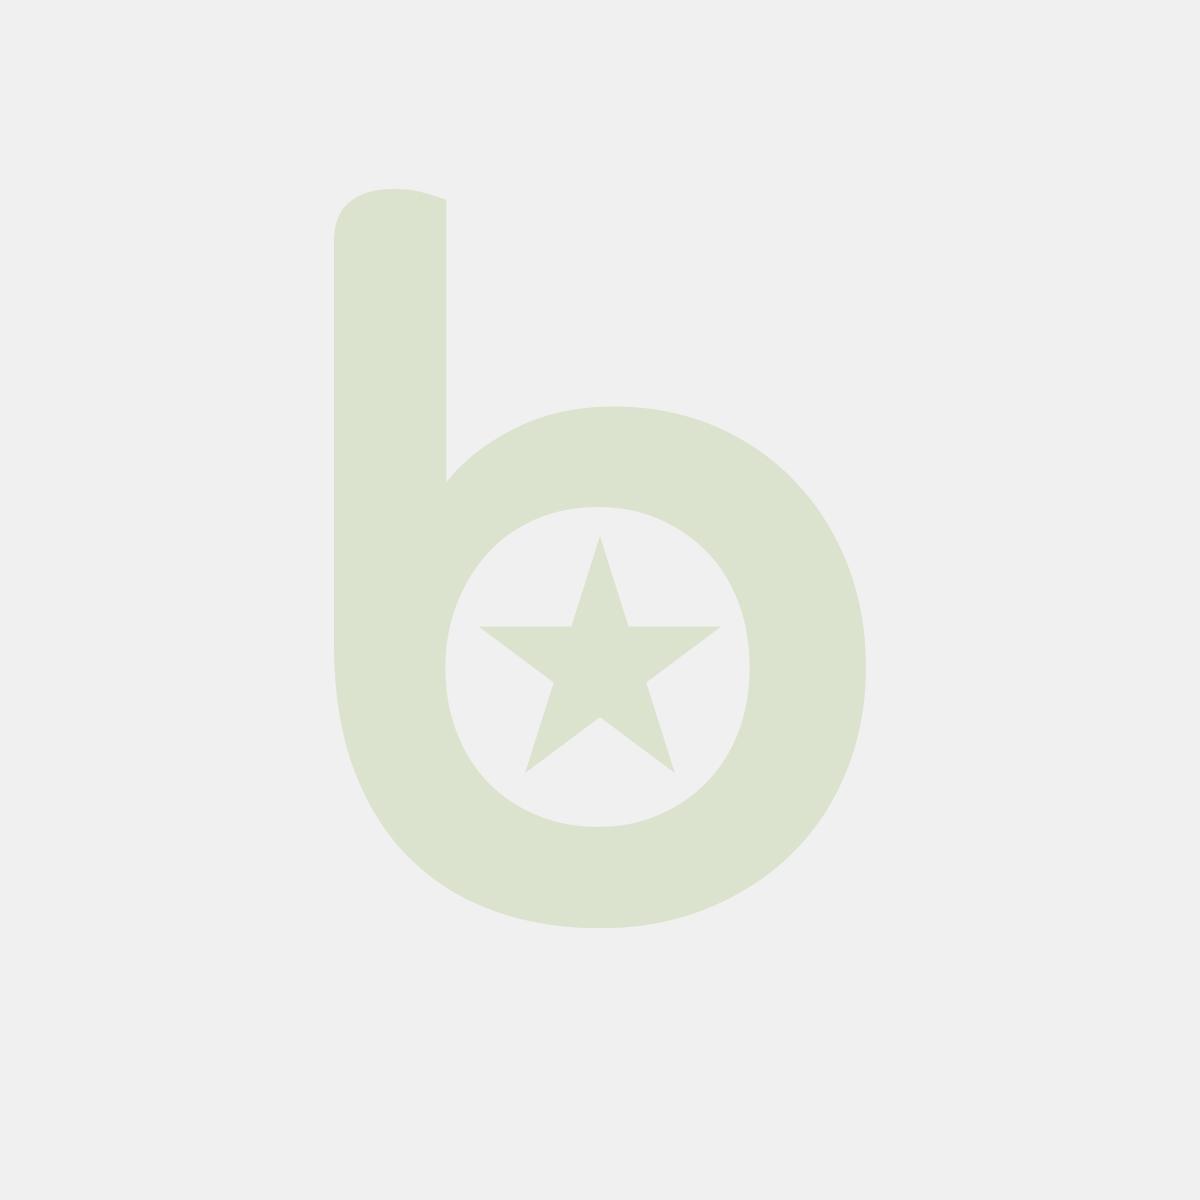 Taśma pakowa 371 Scotch, brązowa, 50mm x 66m